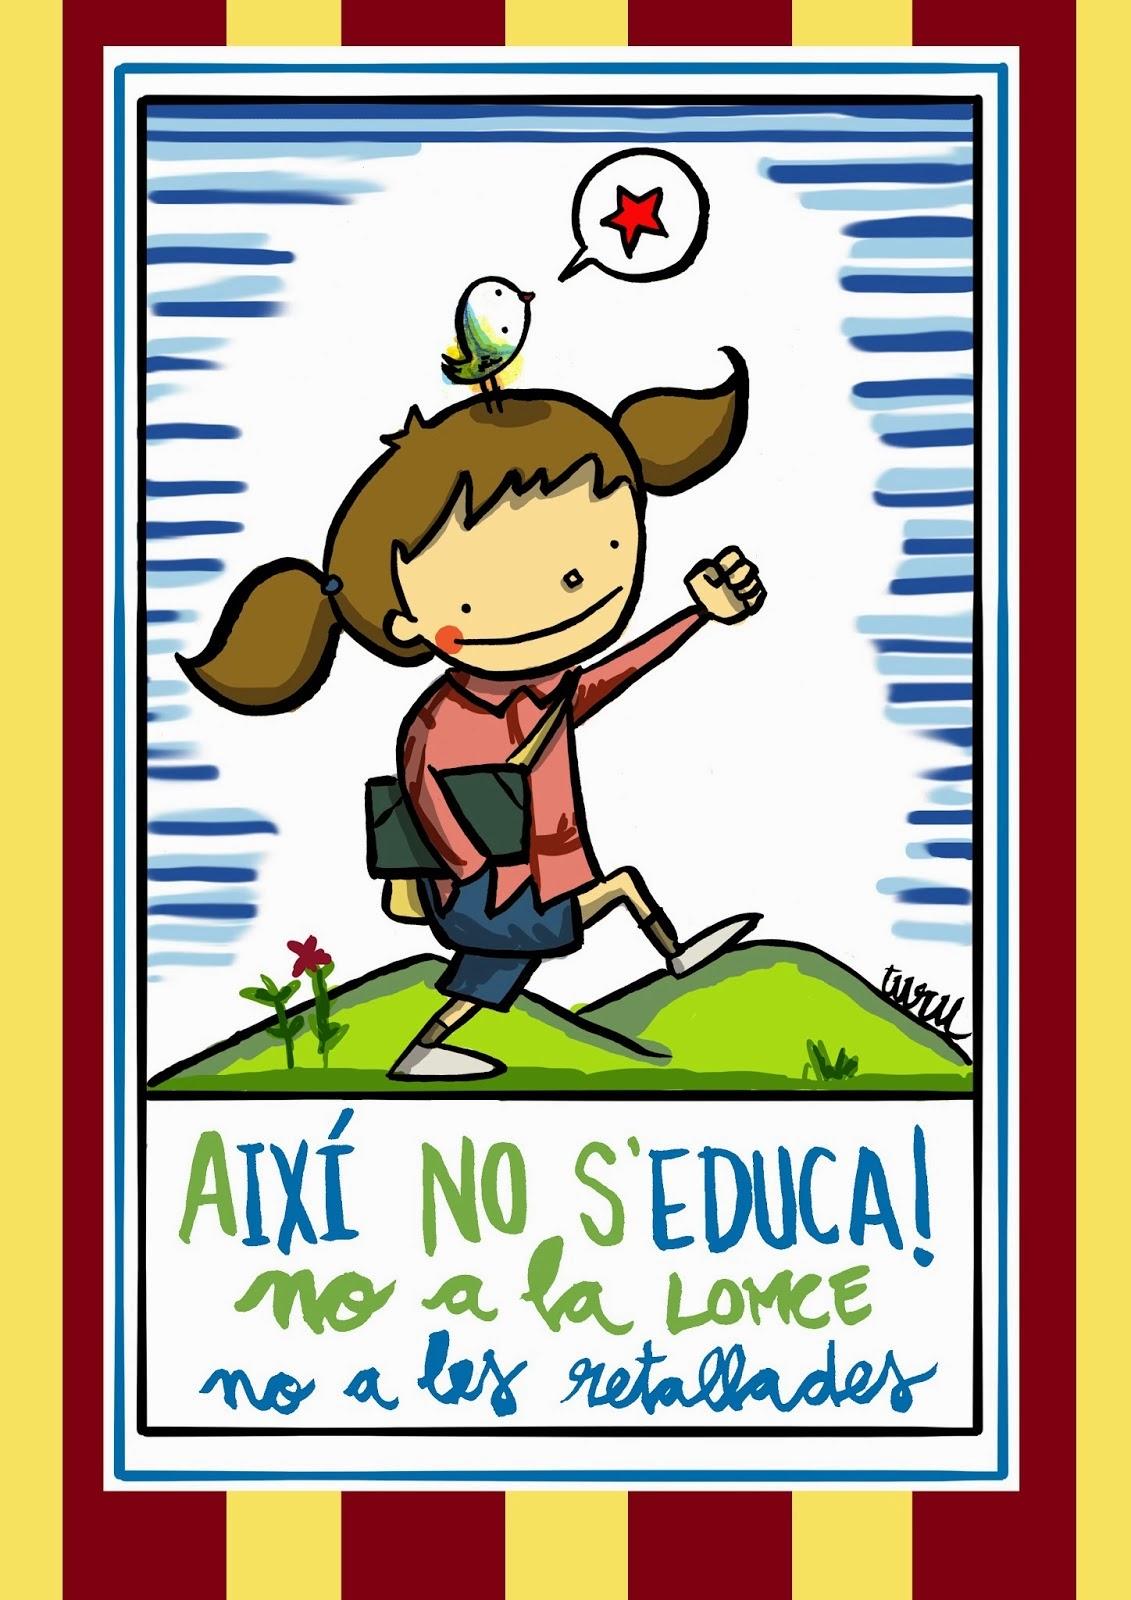 AIXÍ NO S'EDUCA !